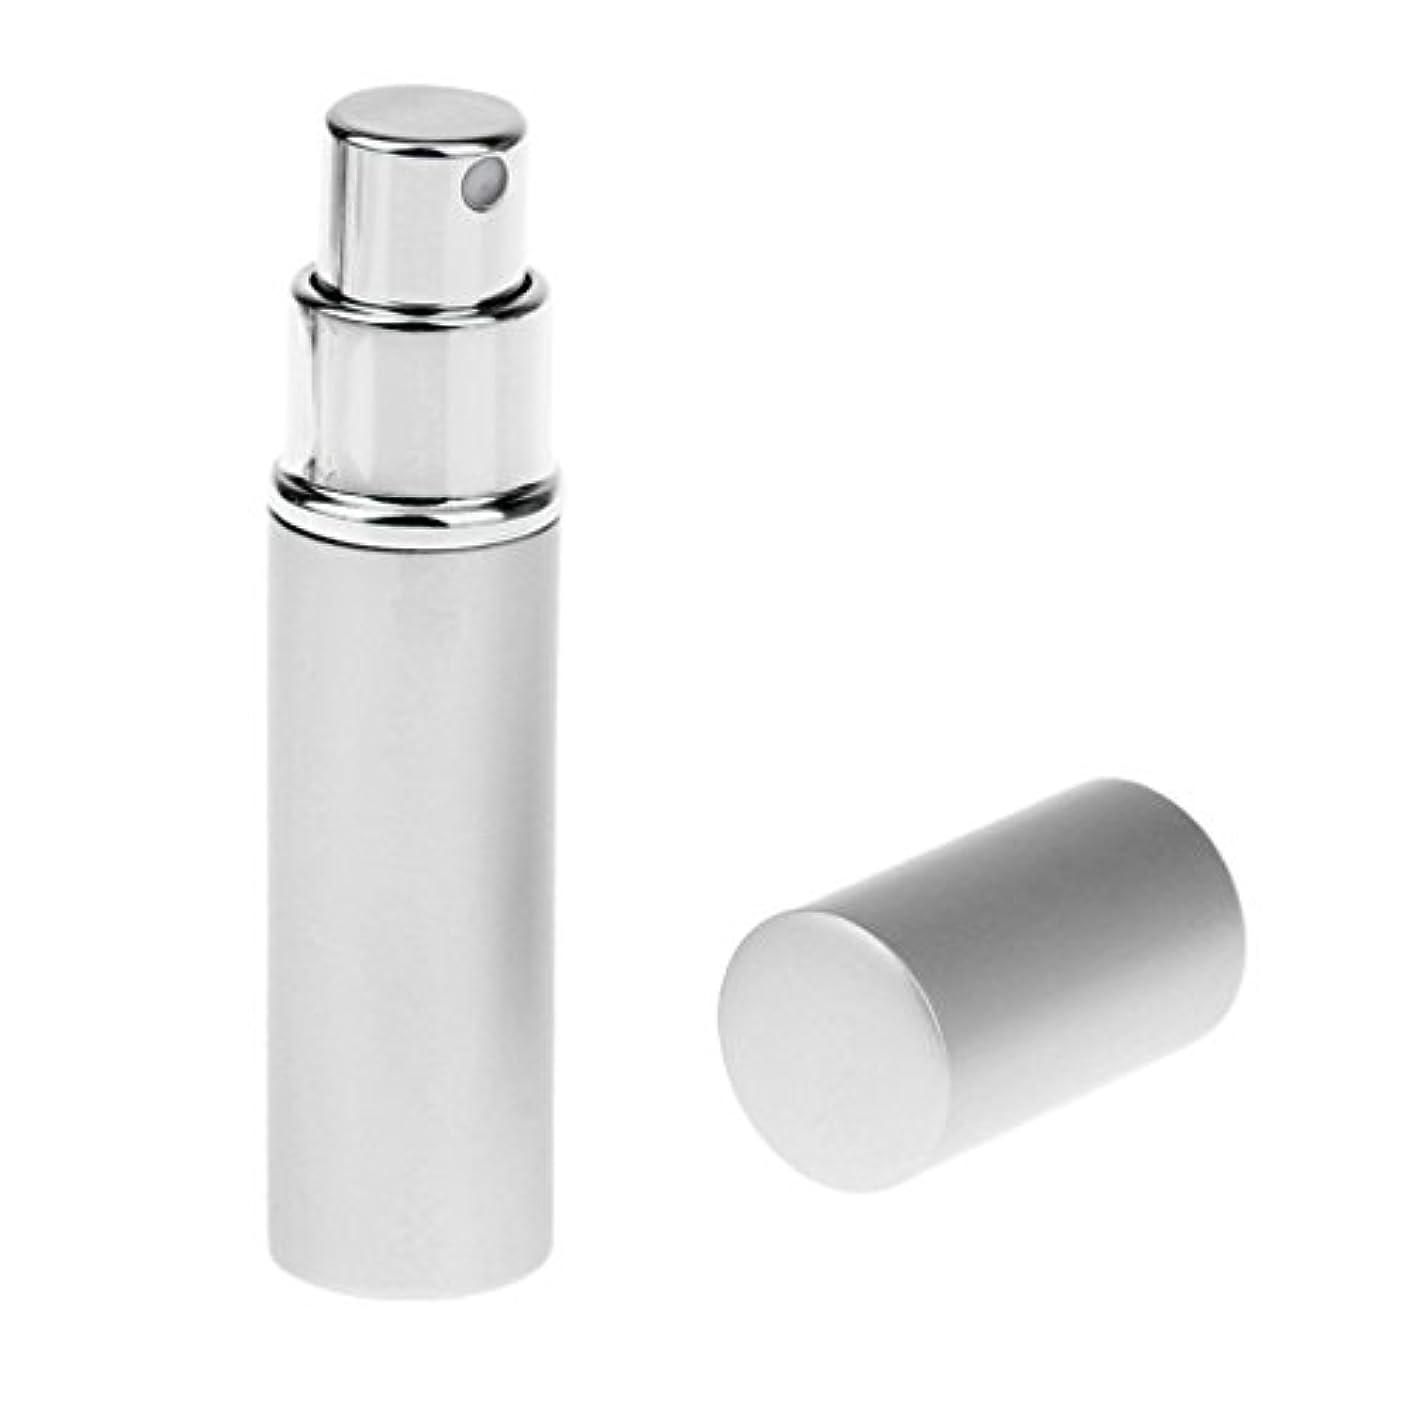 ルーチン幸運なことに誘う詰め替え可能 ポータブル アルミ ガラス製 香水アトマイザー 空ボトル ポンプ 銀色